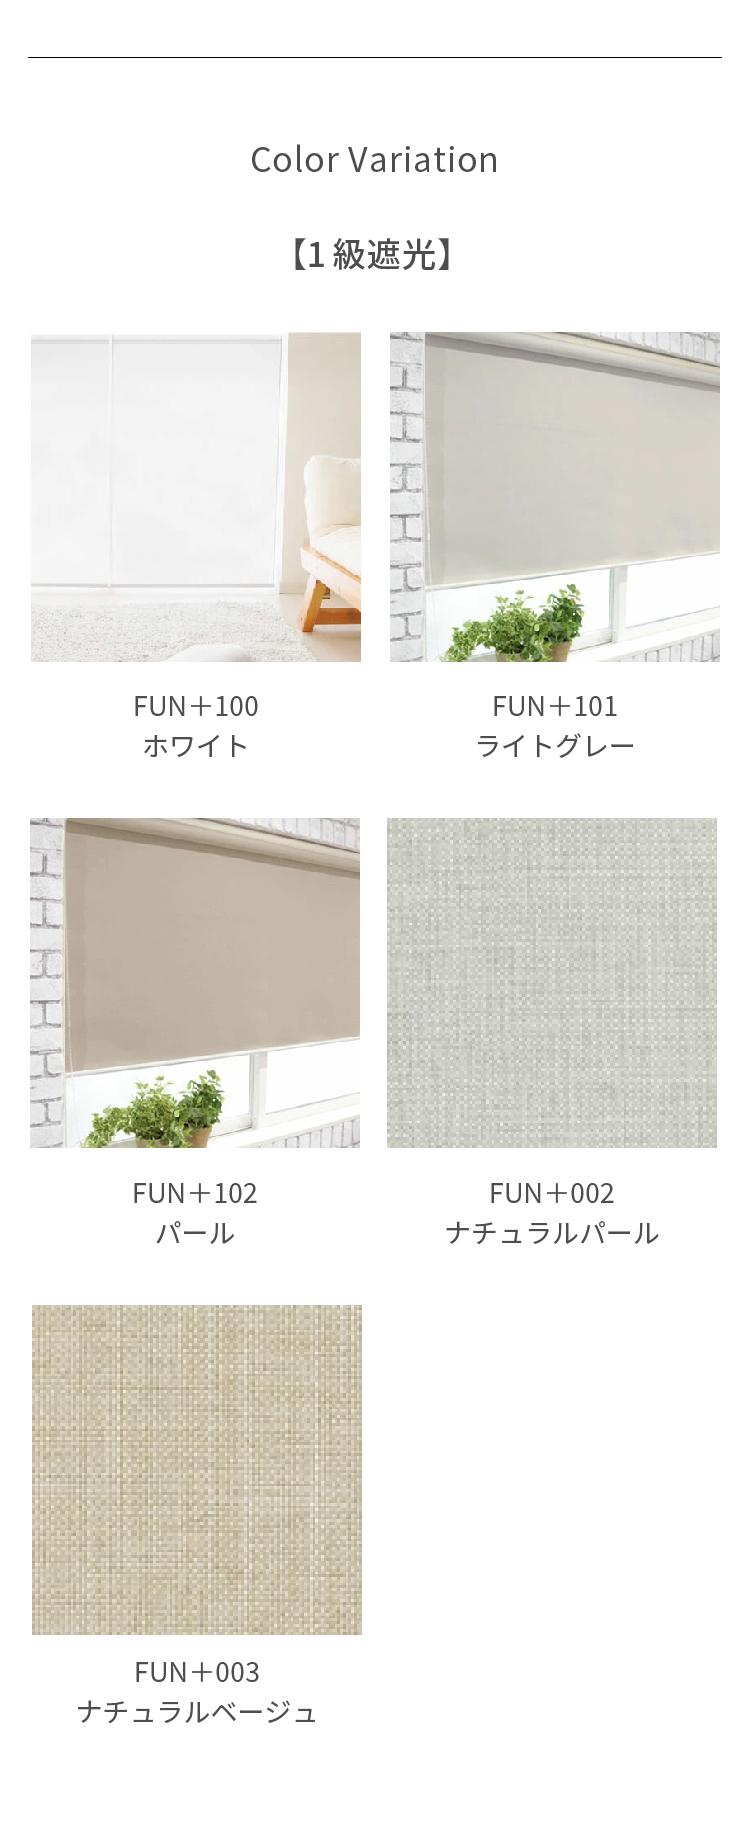 ホワイトカラーカーテン06